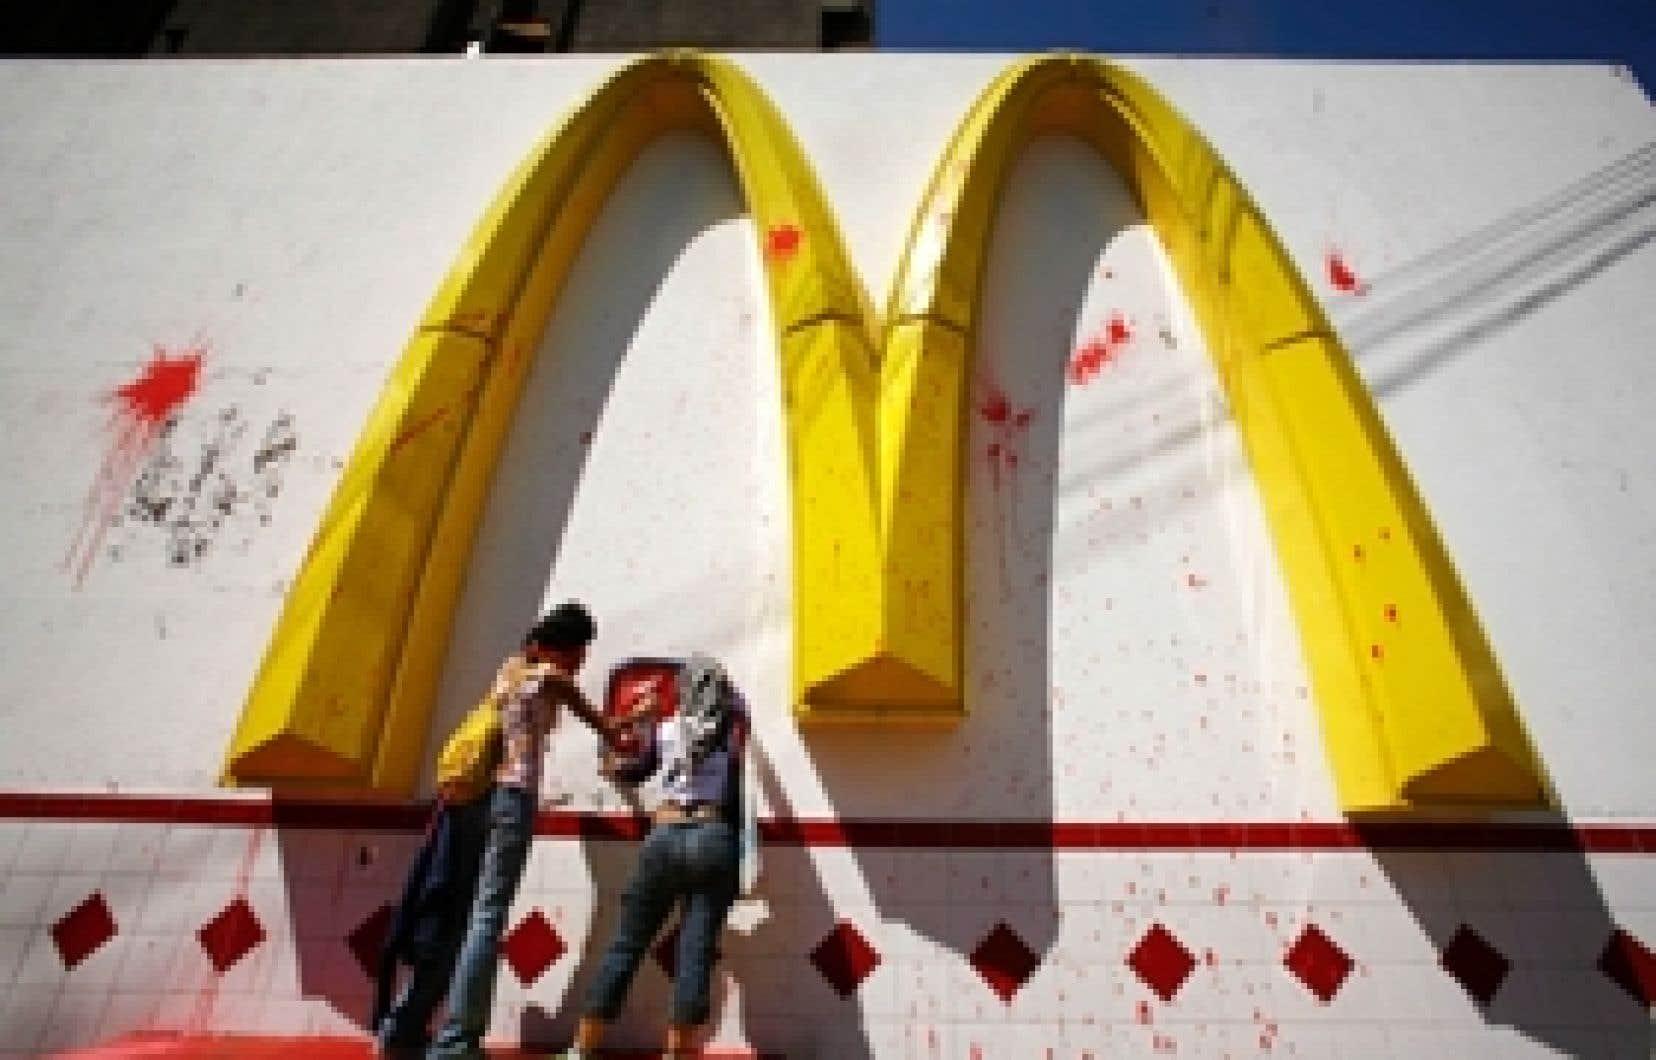 Des vandales s'attaquent à un McDonald's au Guatemala. Entre 1993 et 2005, 24 attaques ont eu lieu contre des restaurants de cette chaîne. Dans la grande majorité des cas, ces agressions visaient un symbole de l'Amérique plutôt que les produit